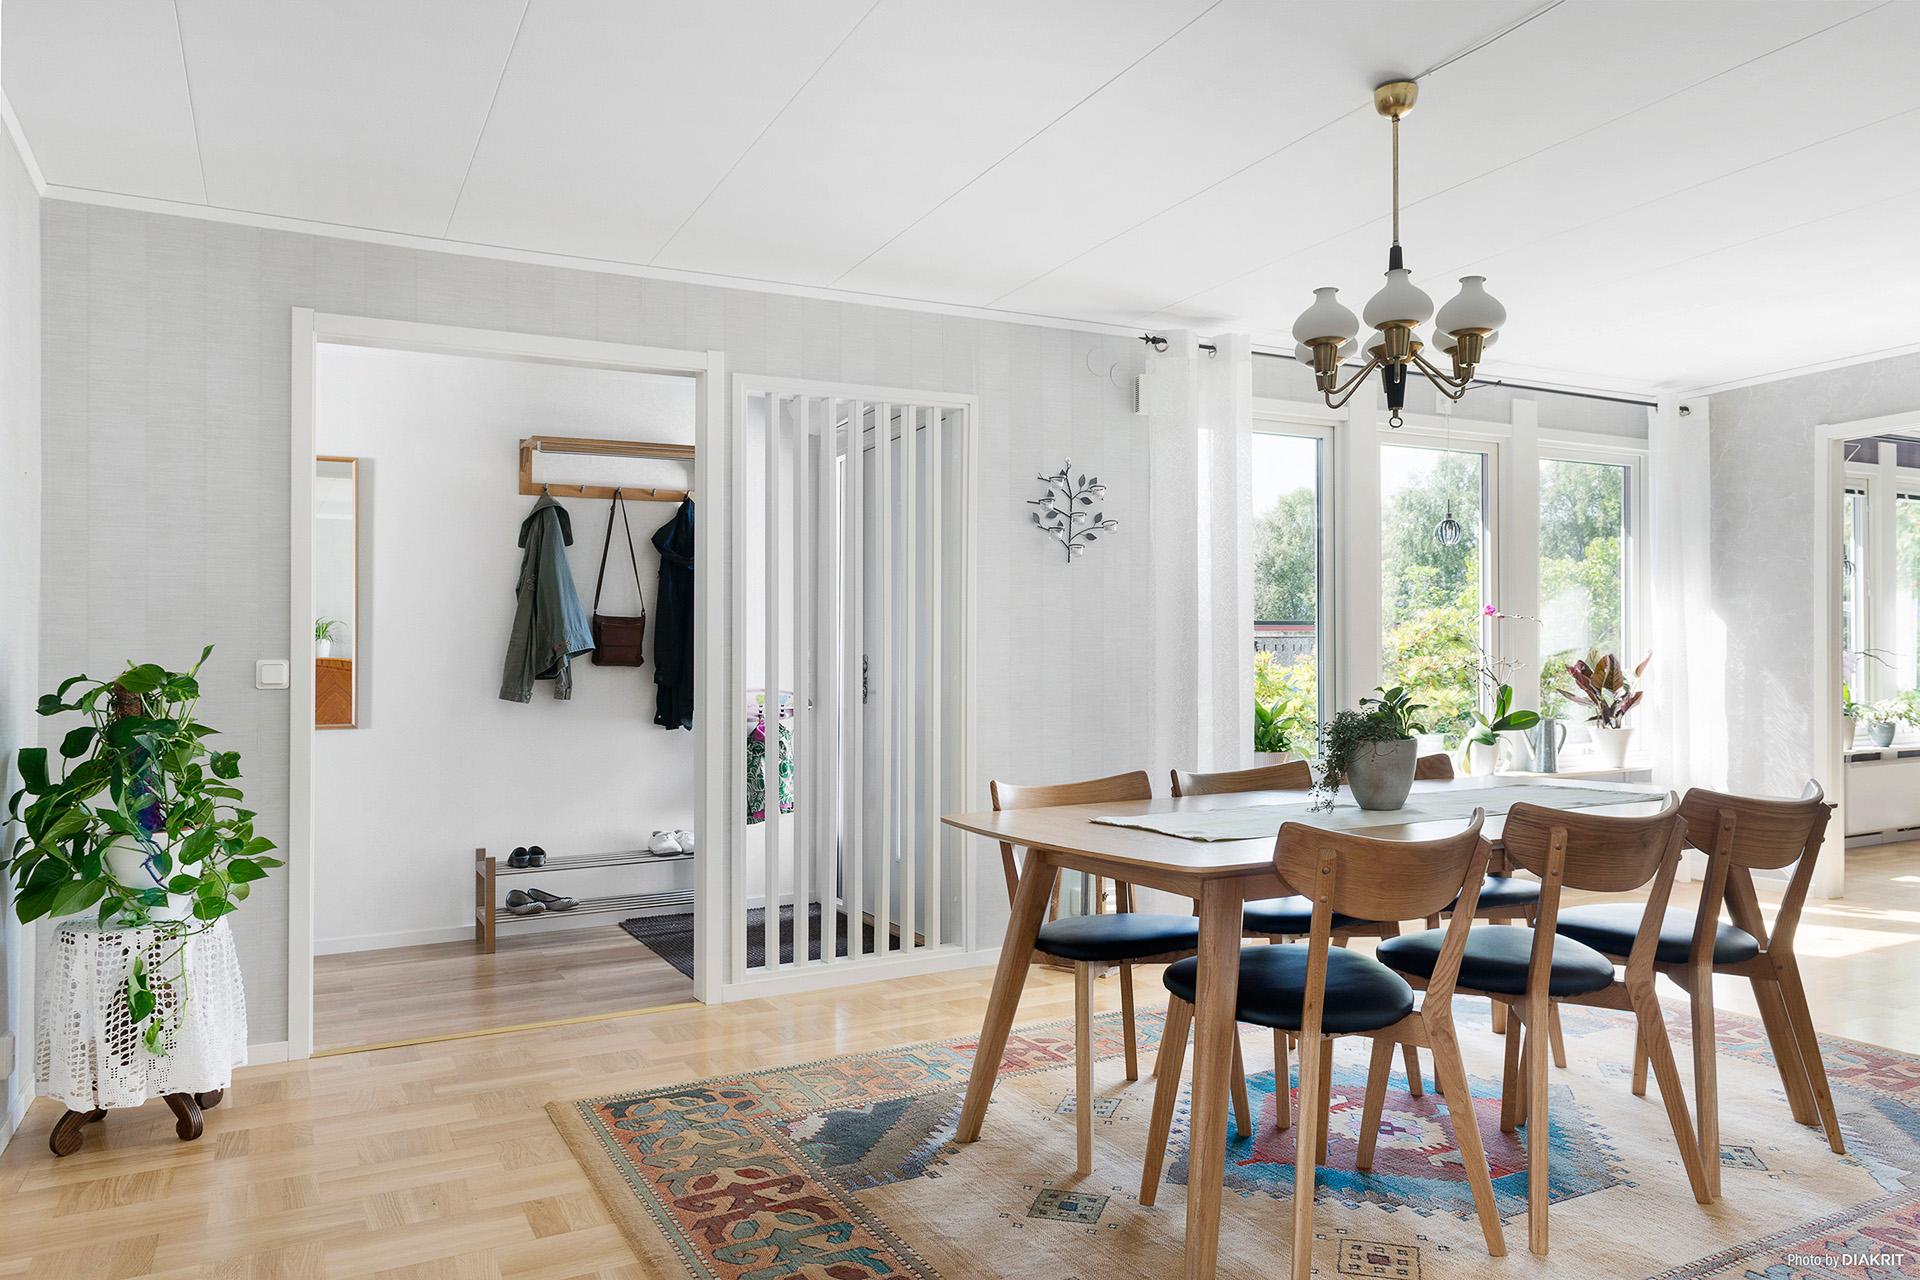 Vardagsrum med ljus och rymd. Moderna färger och material.